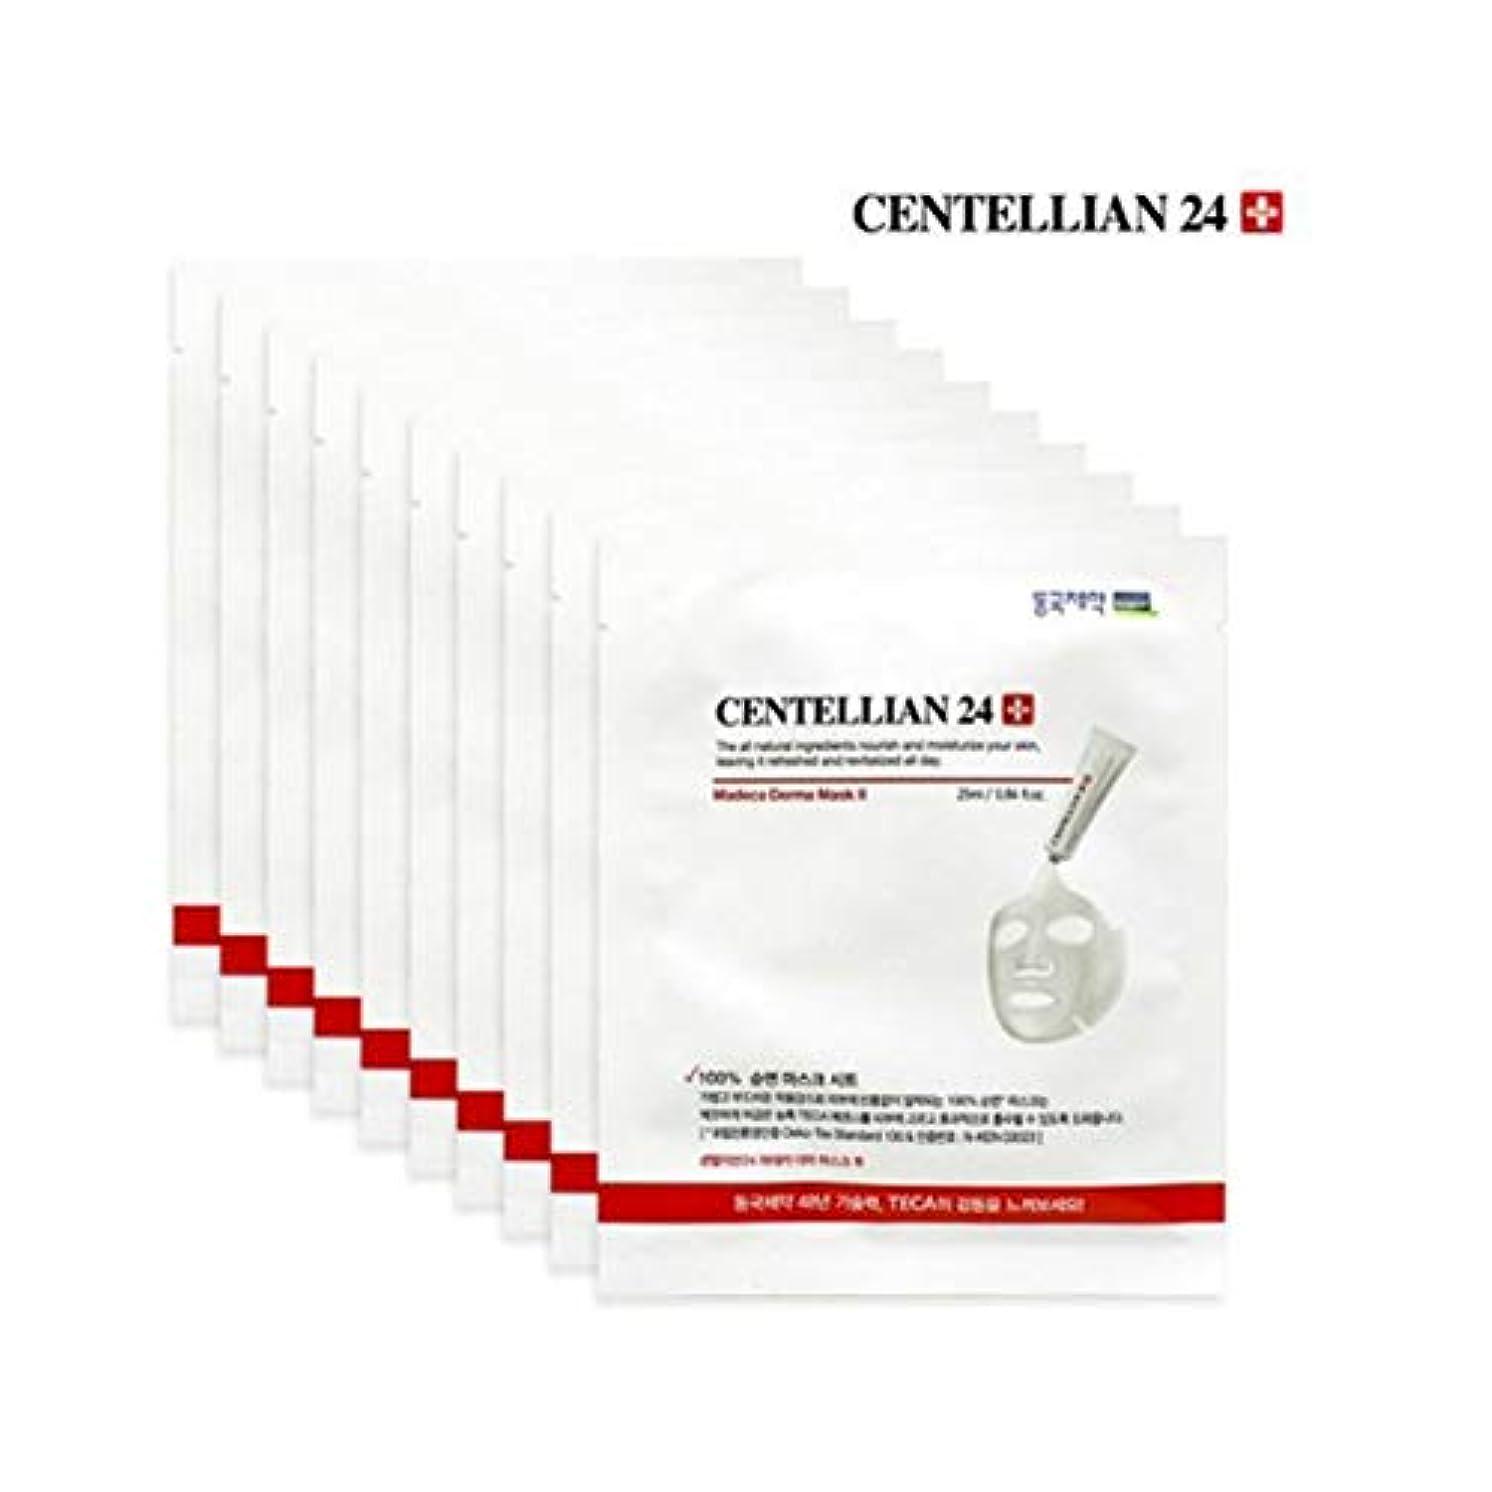 エージェント湾まもなくセンテルリアン24マデカードママスクパック10枚肌の保湿、Centellian24 Madeca Derma Mask Pack 10 Sheets Skin Moisturizing [並行輸入品]